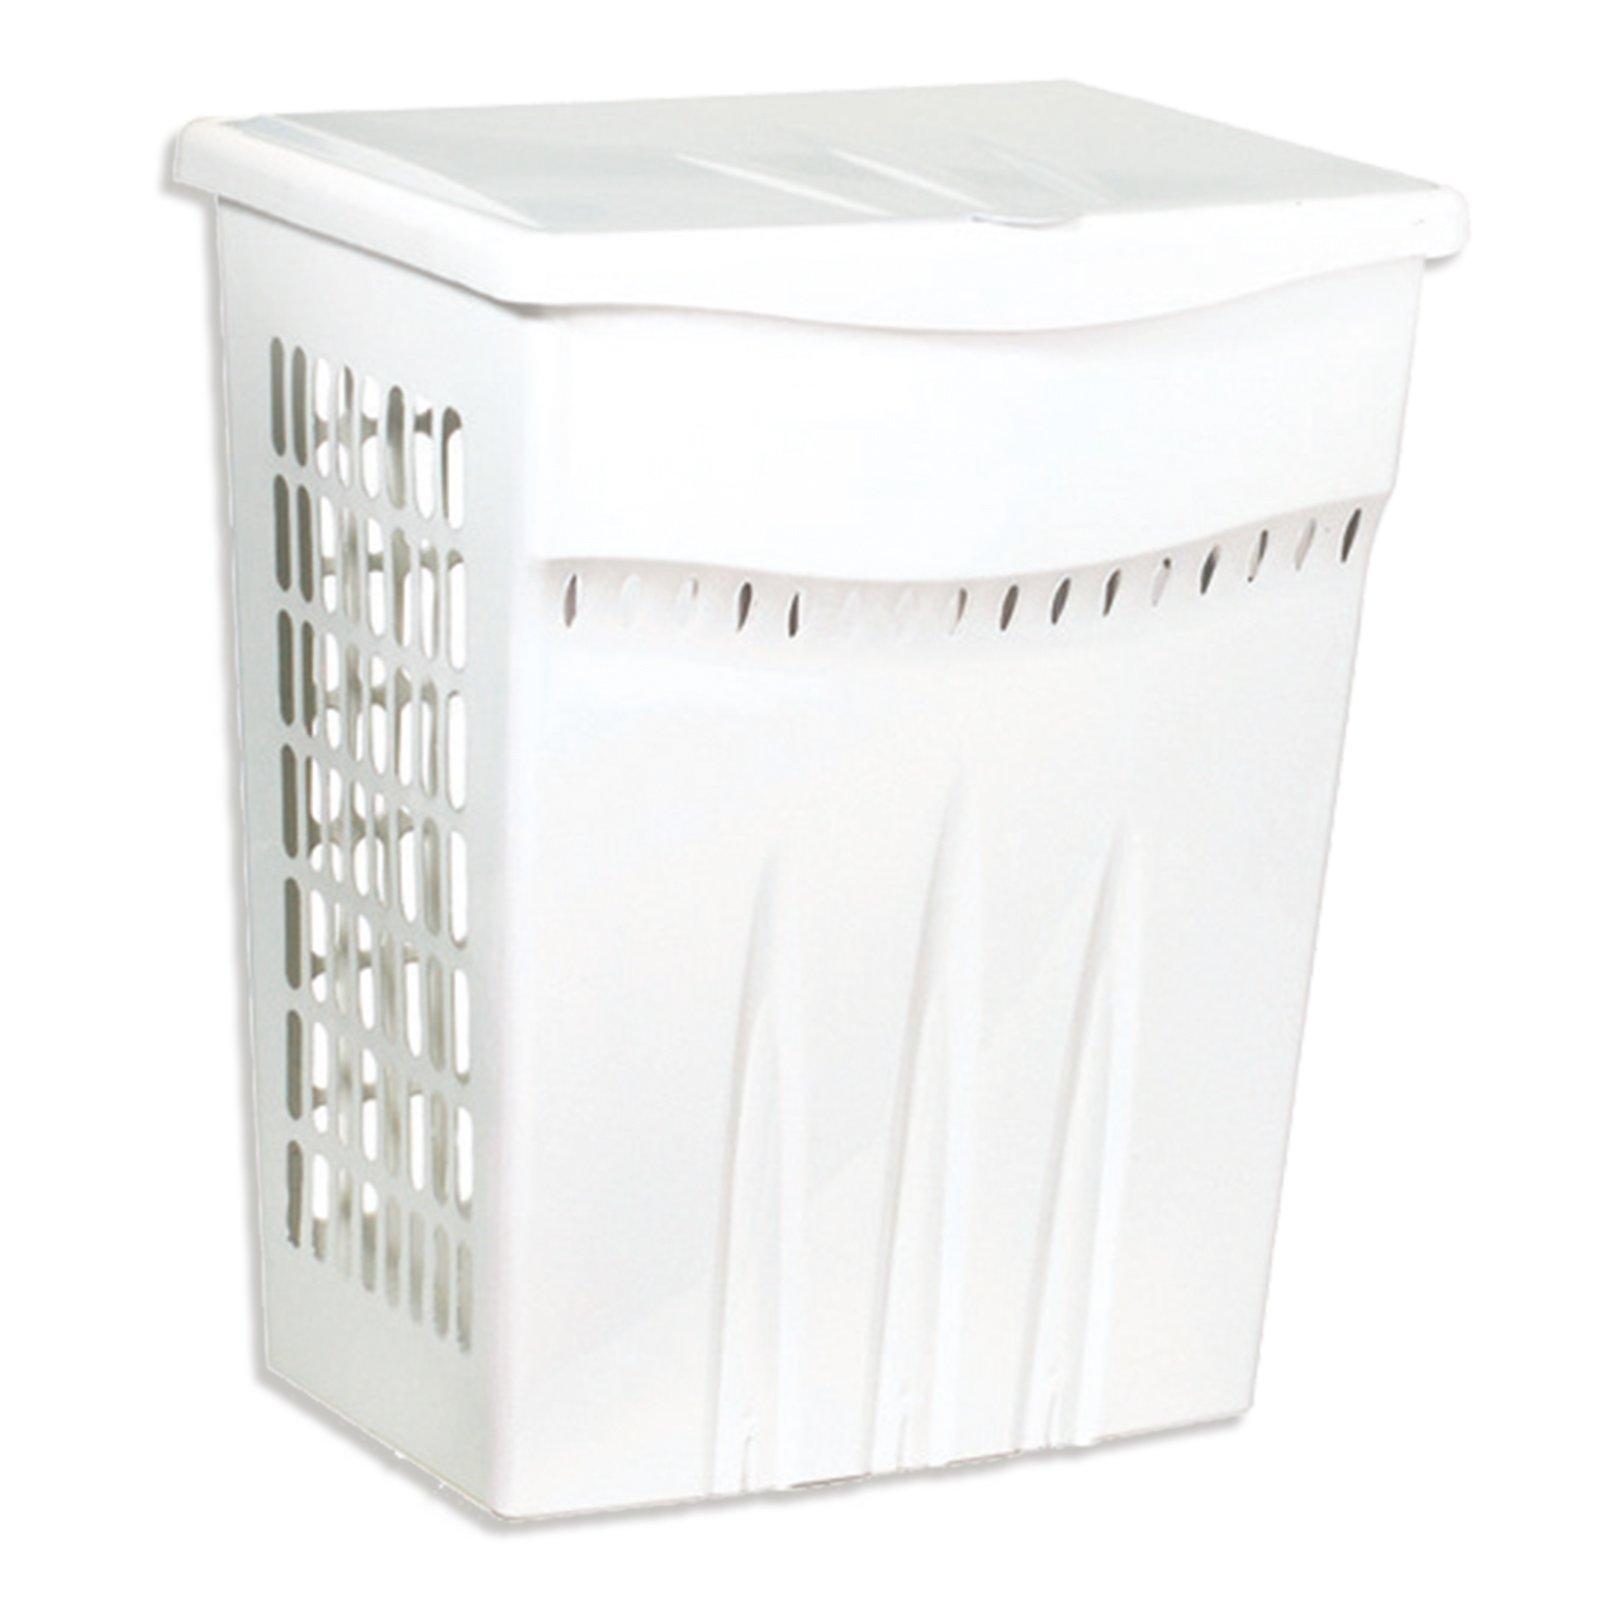 Wäschebox - weiß - Klappdeckel - 60 Liter